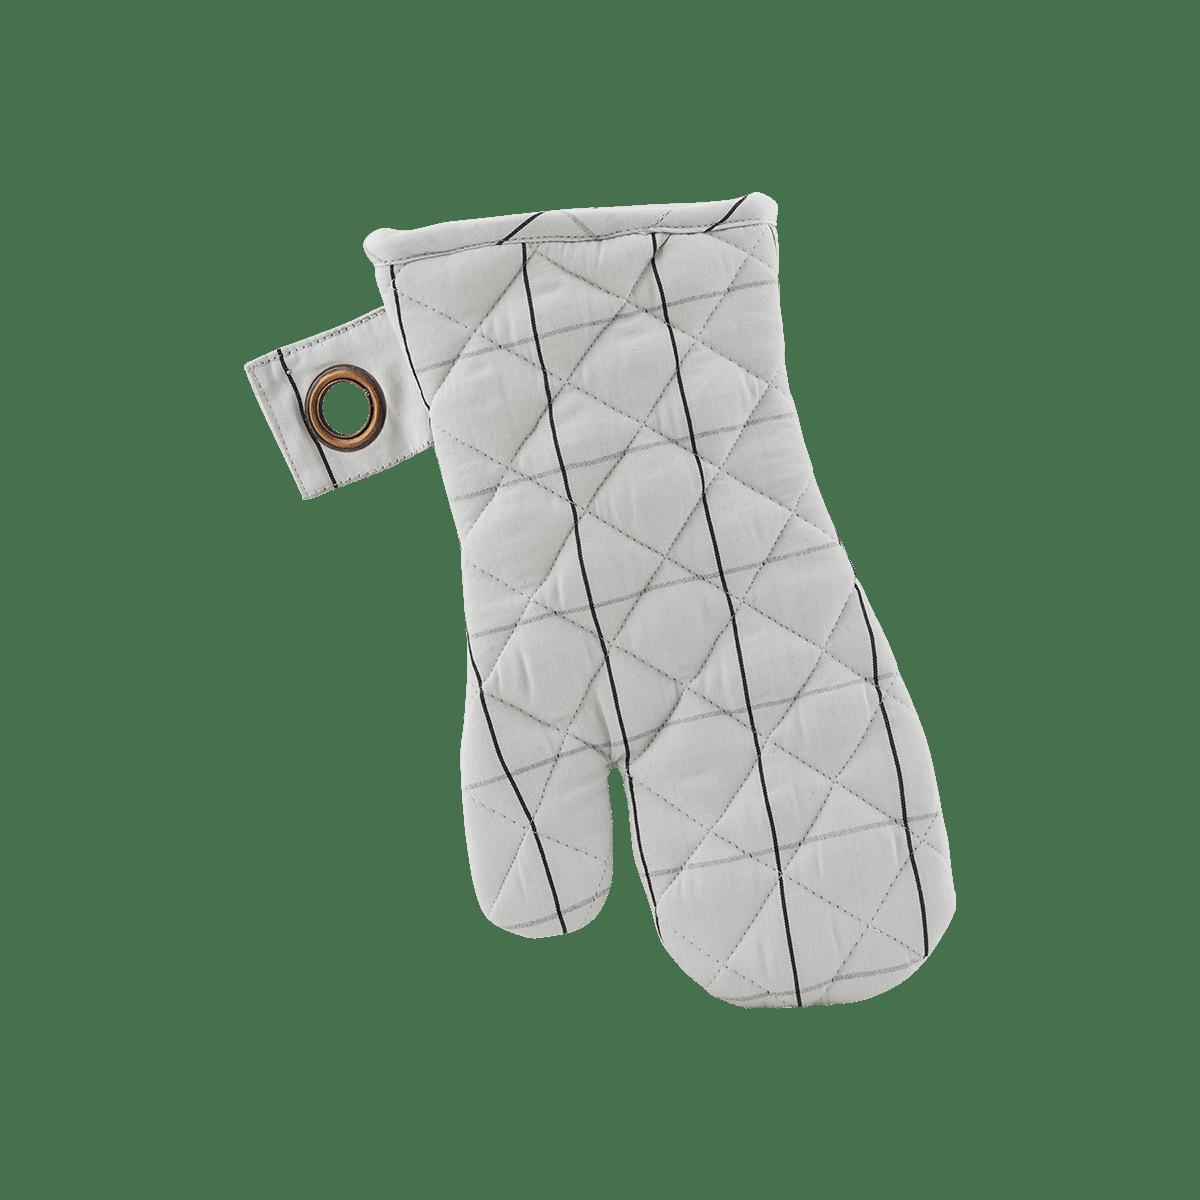 Bíločerná chňapka Check - set 2 kusů